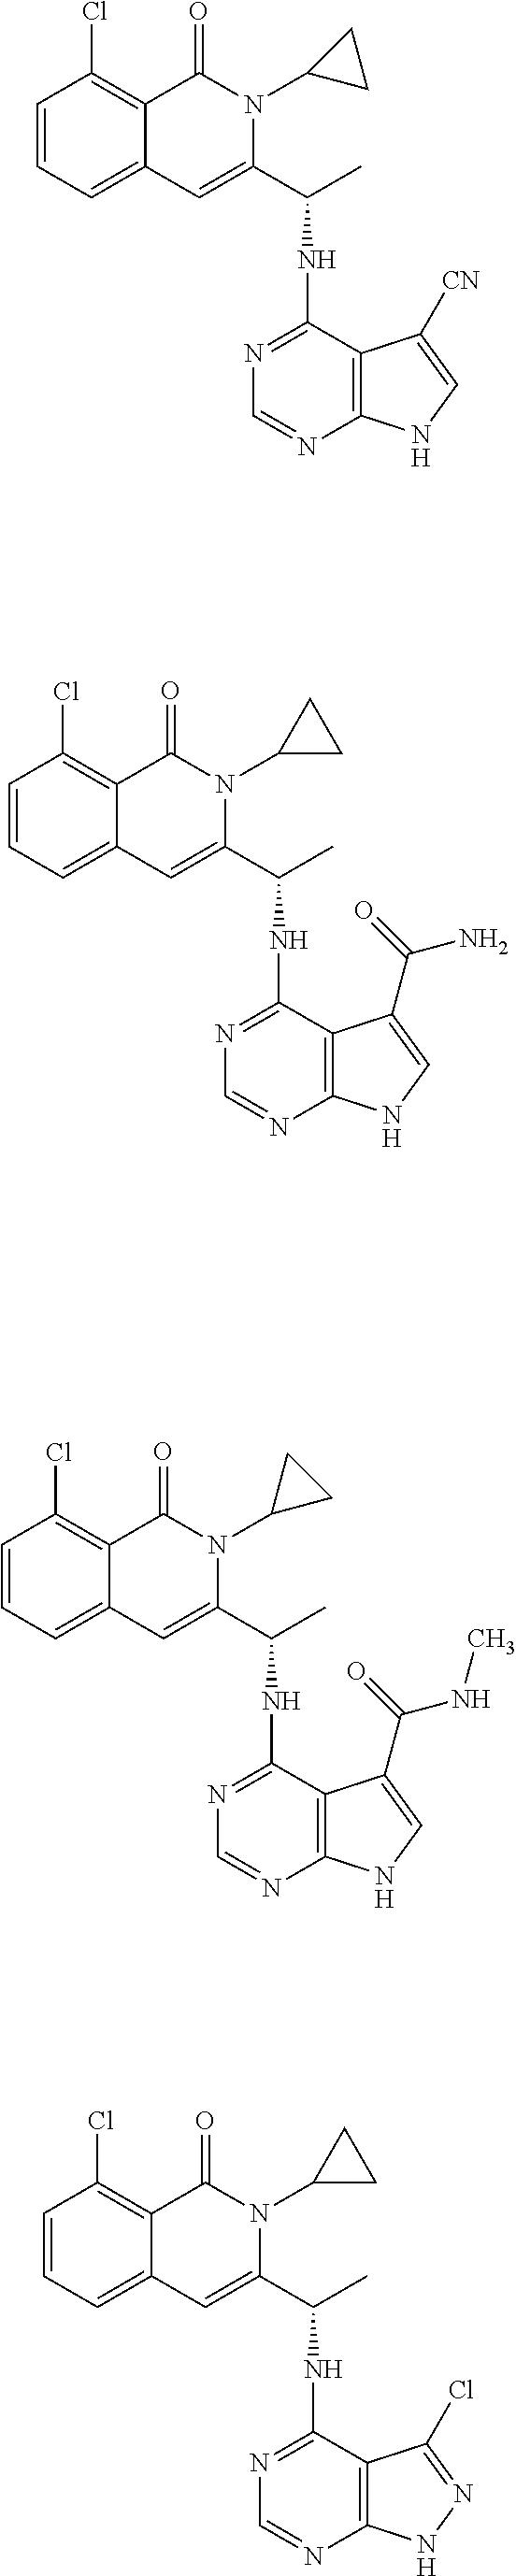 Figure US09216982-20151222-C00293